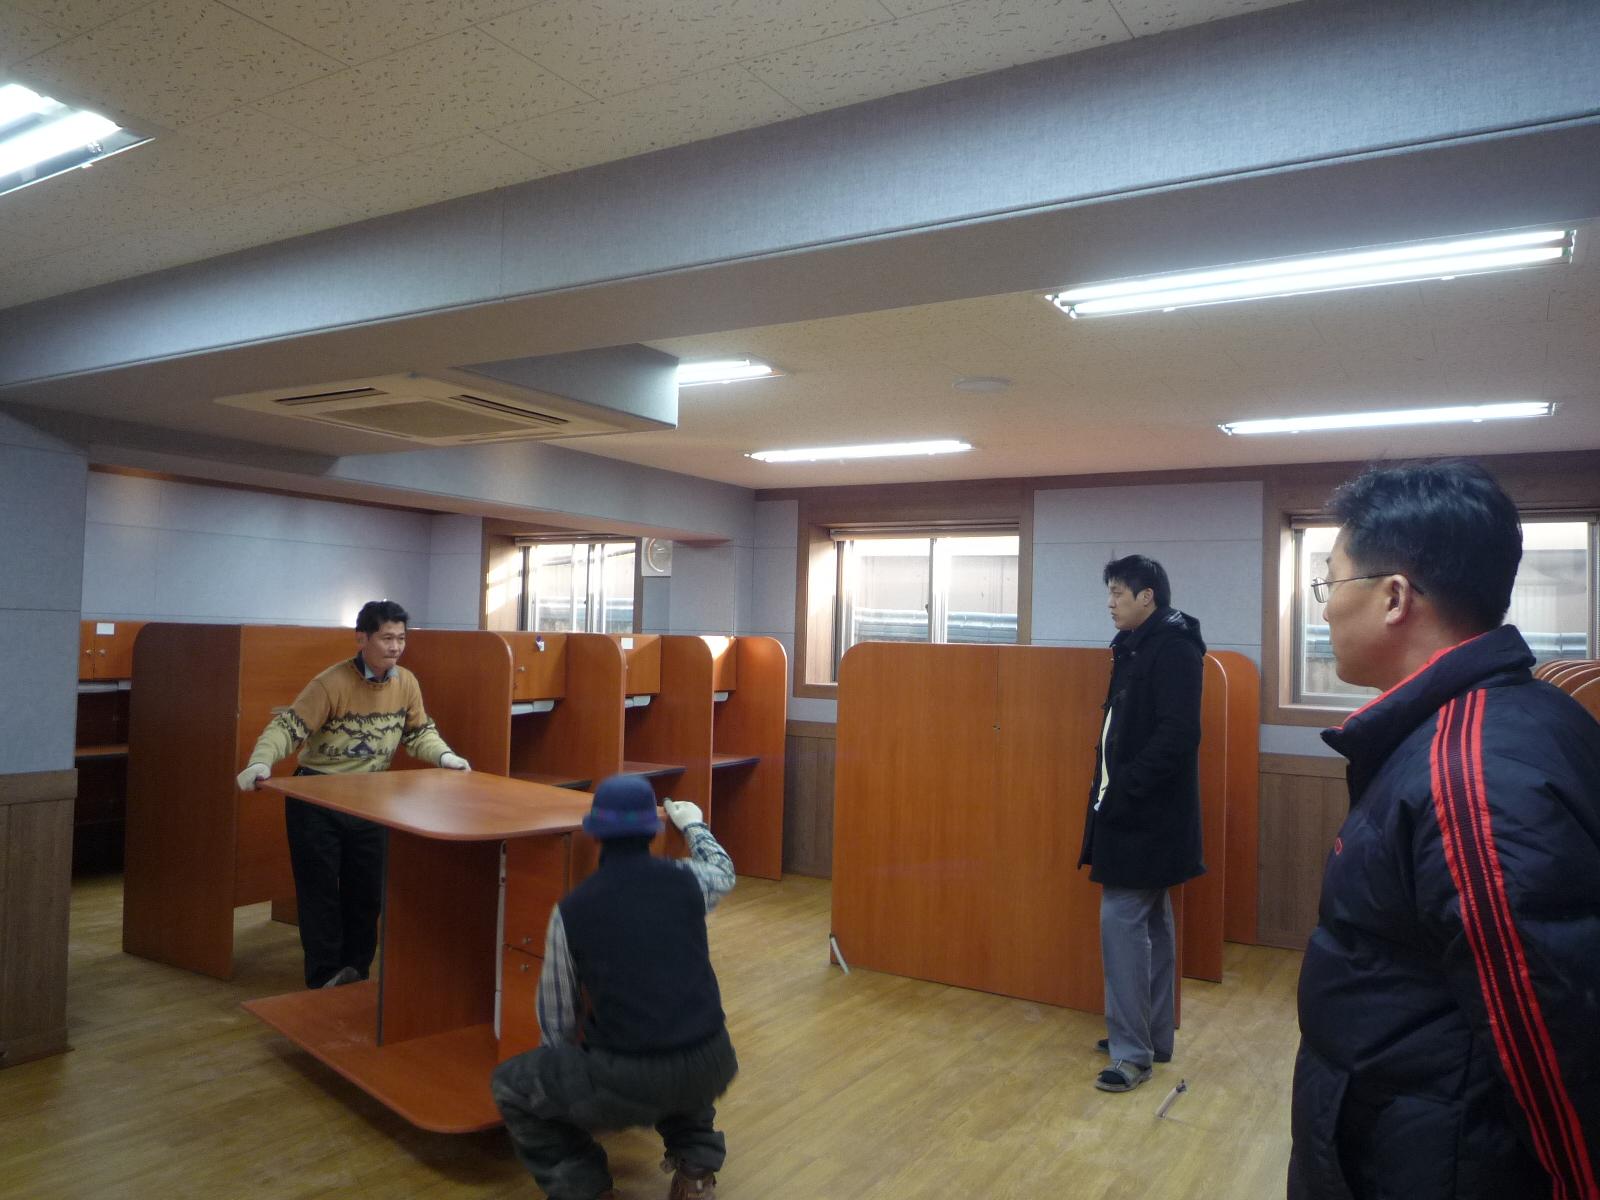 2008/12/27공부방 첨부이미지